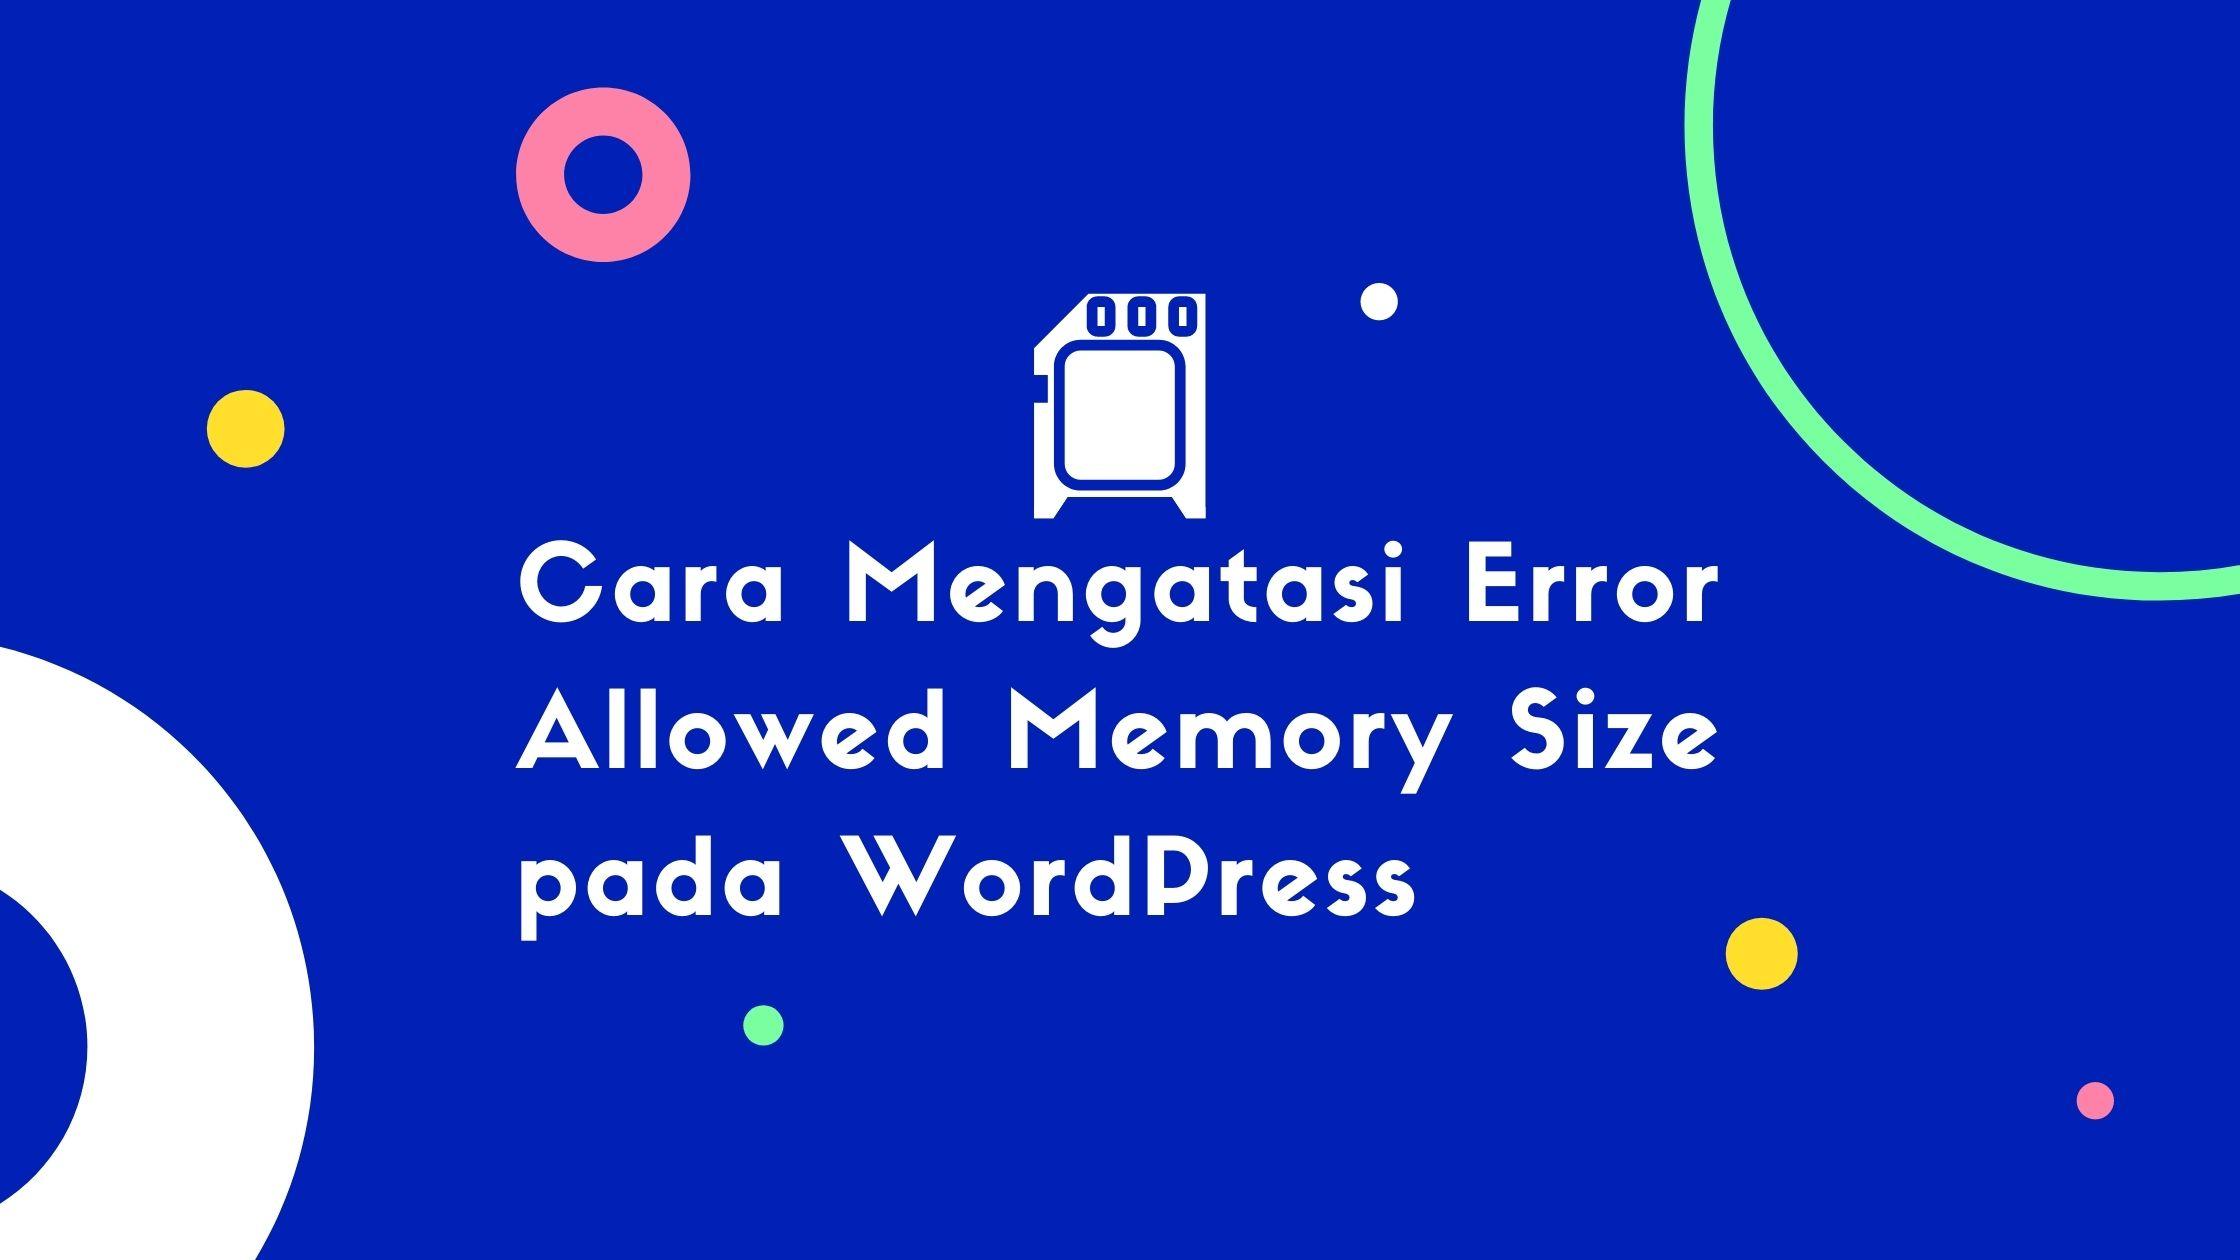 Cara Mengatasi Error Allowed Memory Size pada WordPress